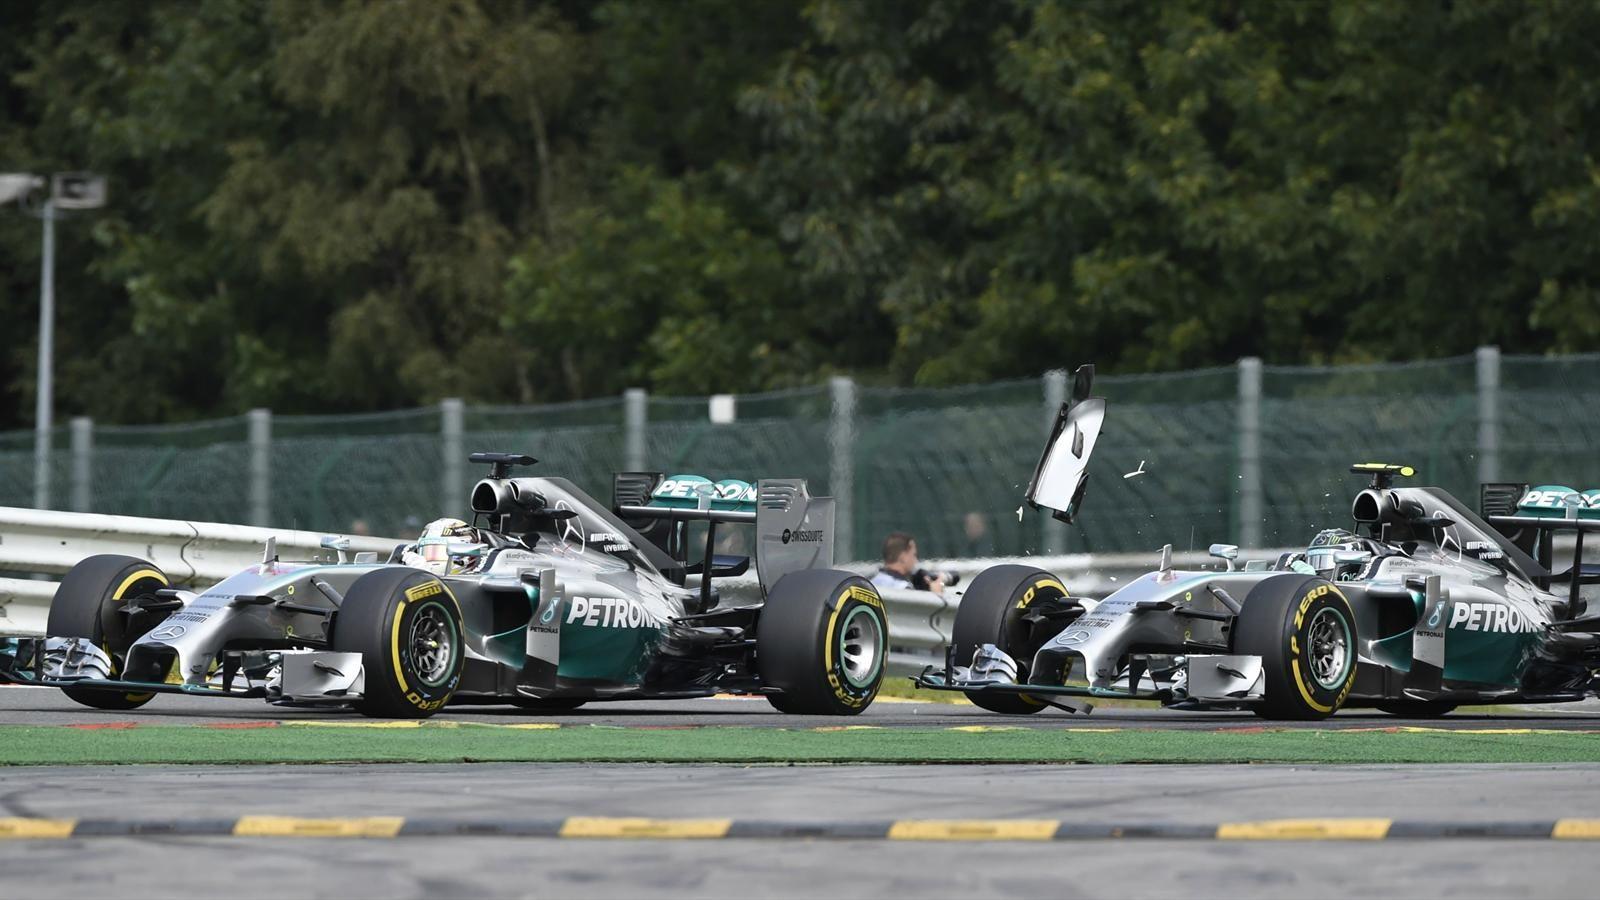 Spécial Sebastian Vettel (Formule un) - Page 21 1300314-27999148-1600-900